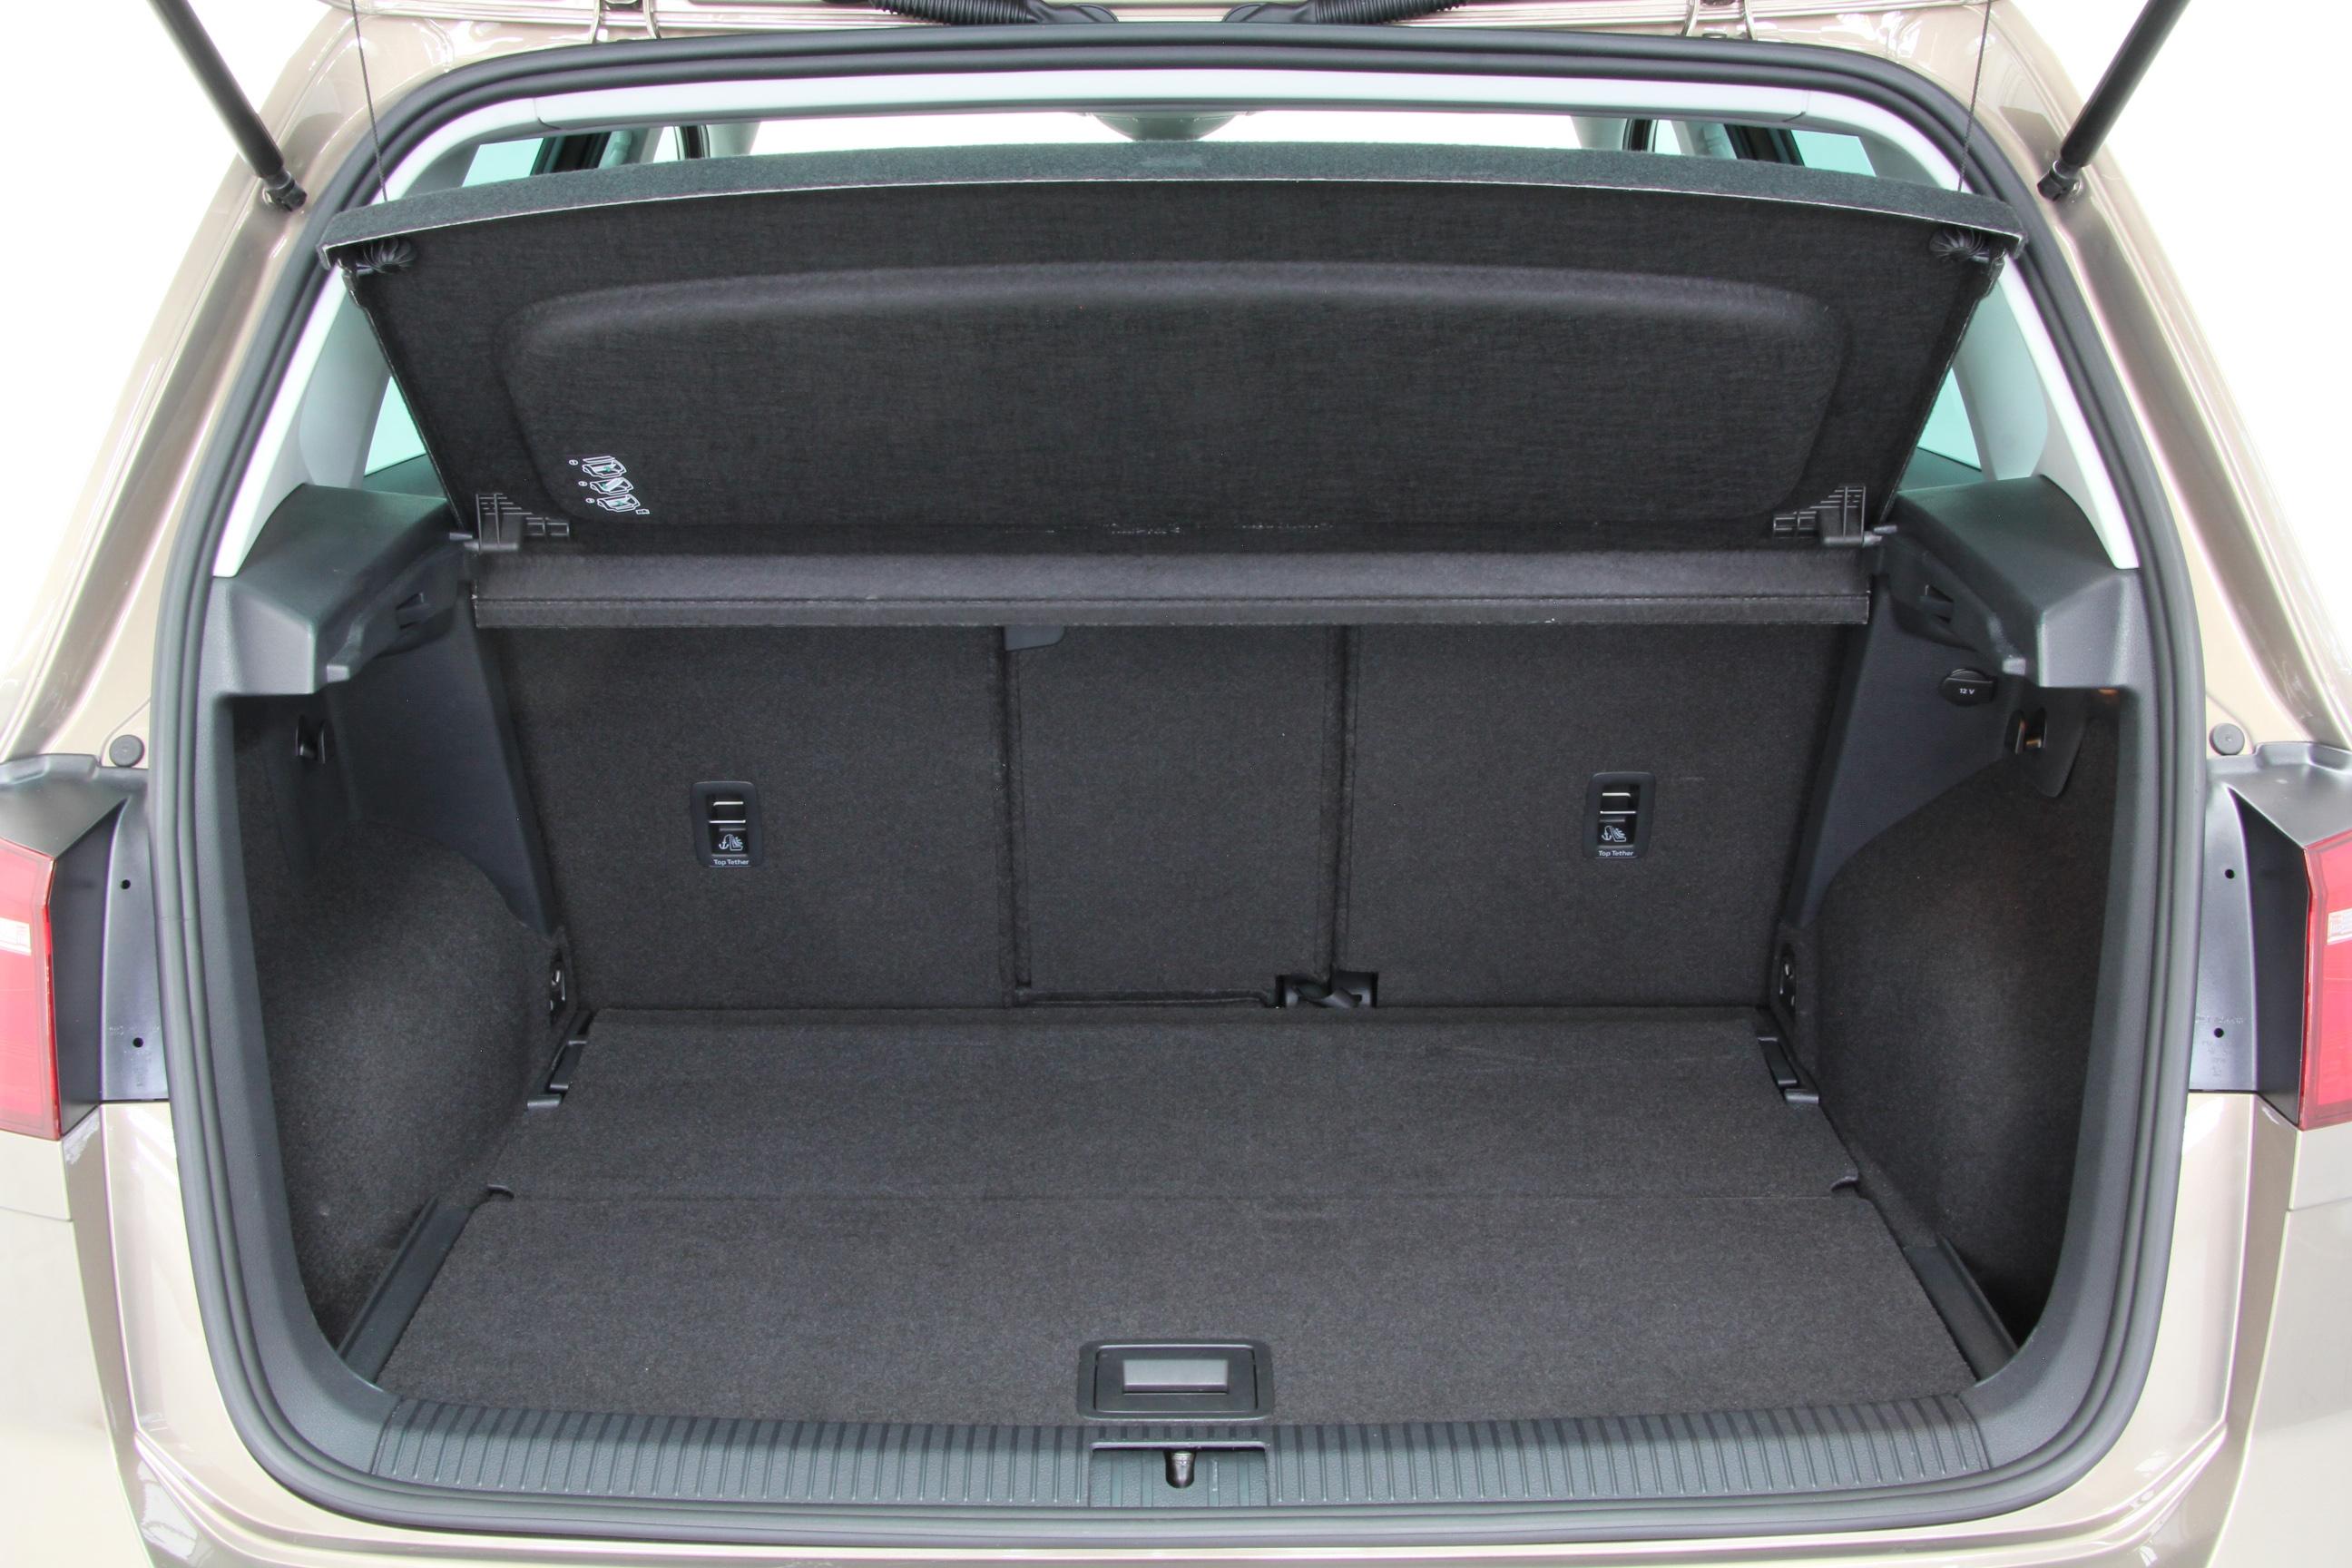 vw golf sportsvan 1 6 tdi bmt test complet prix. Black Bedroom Furniture Sets. Home Design Ideas